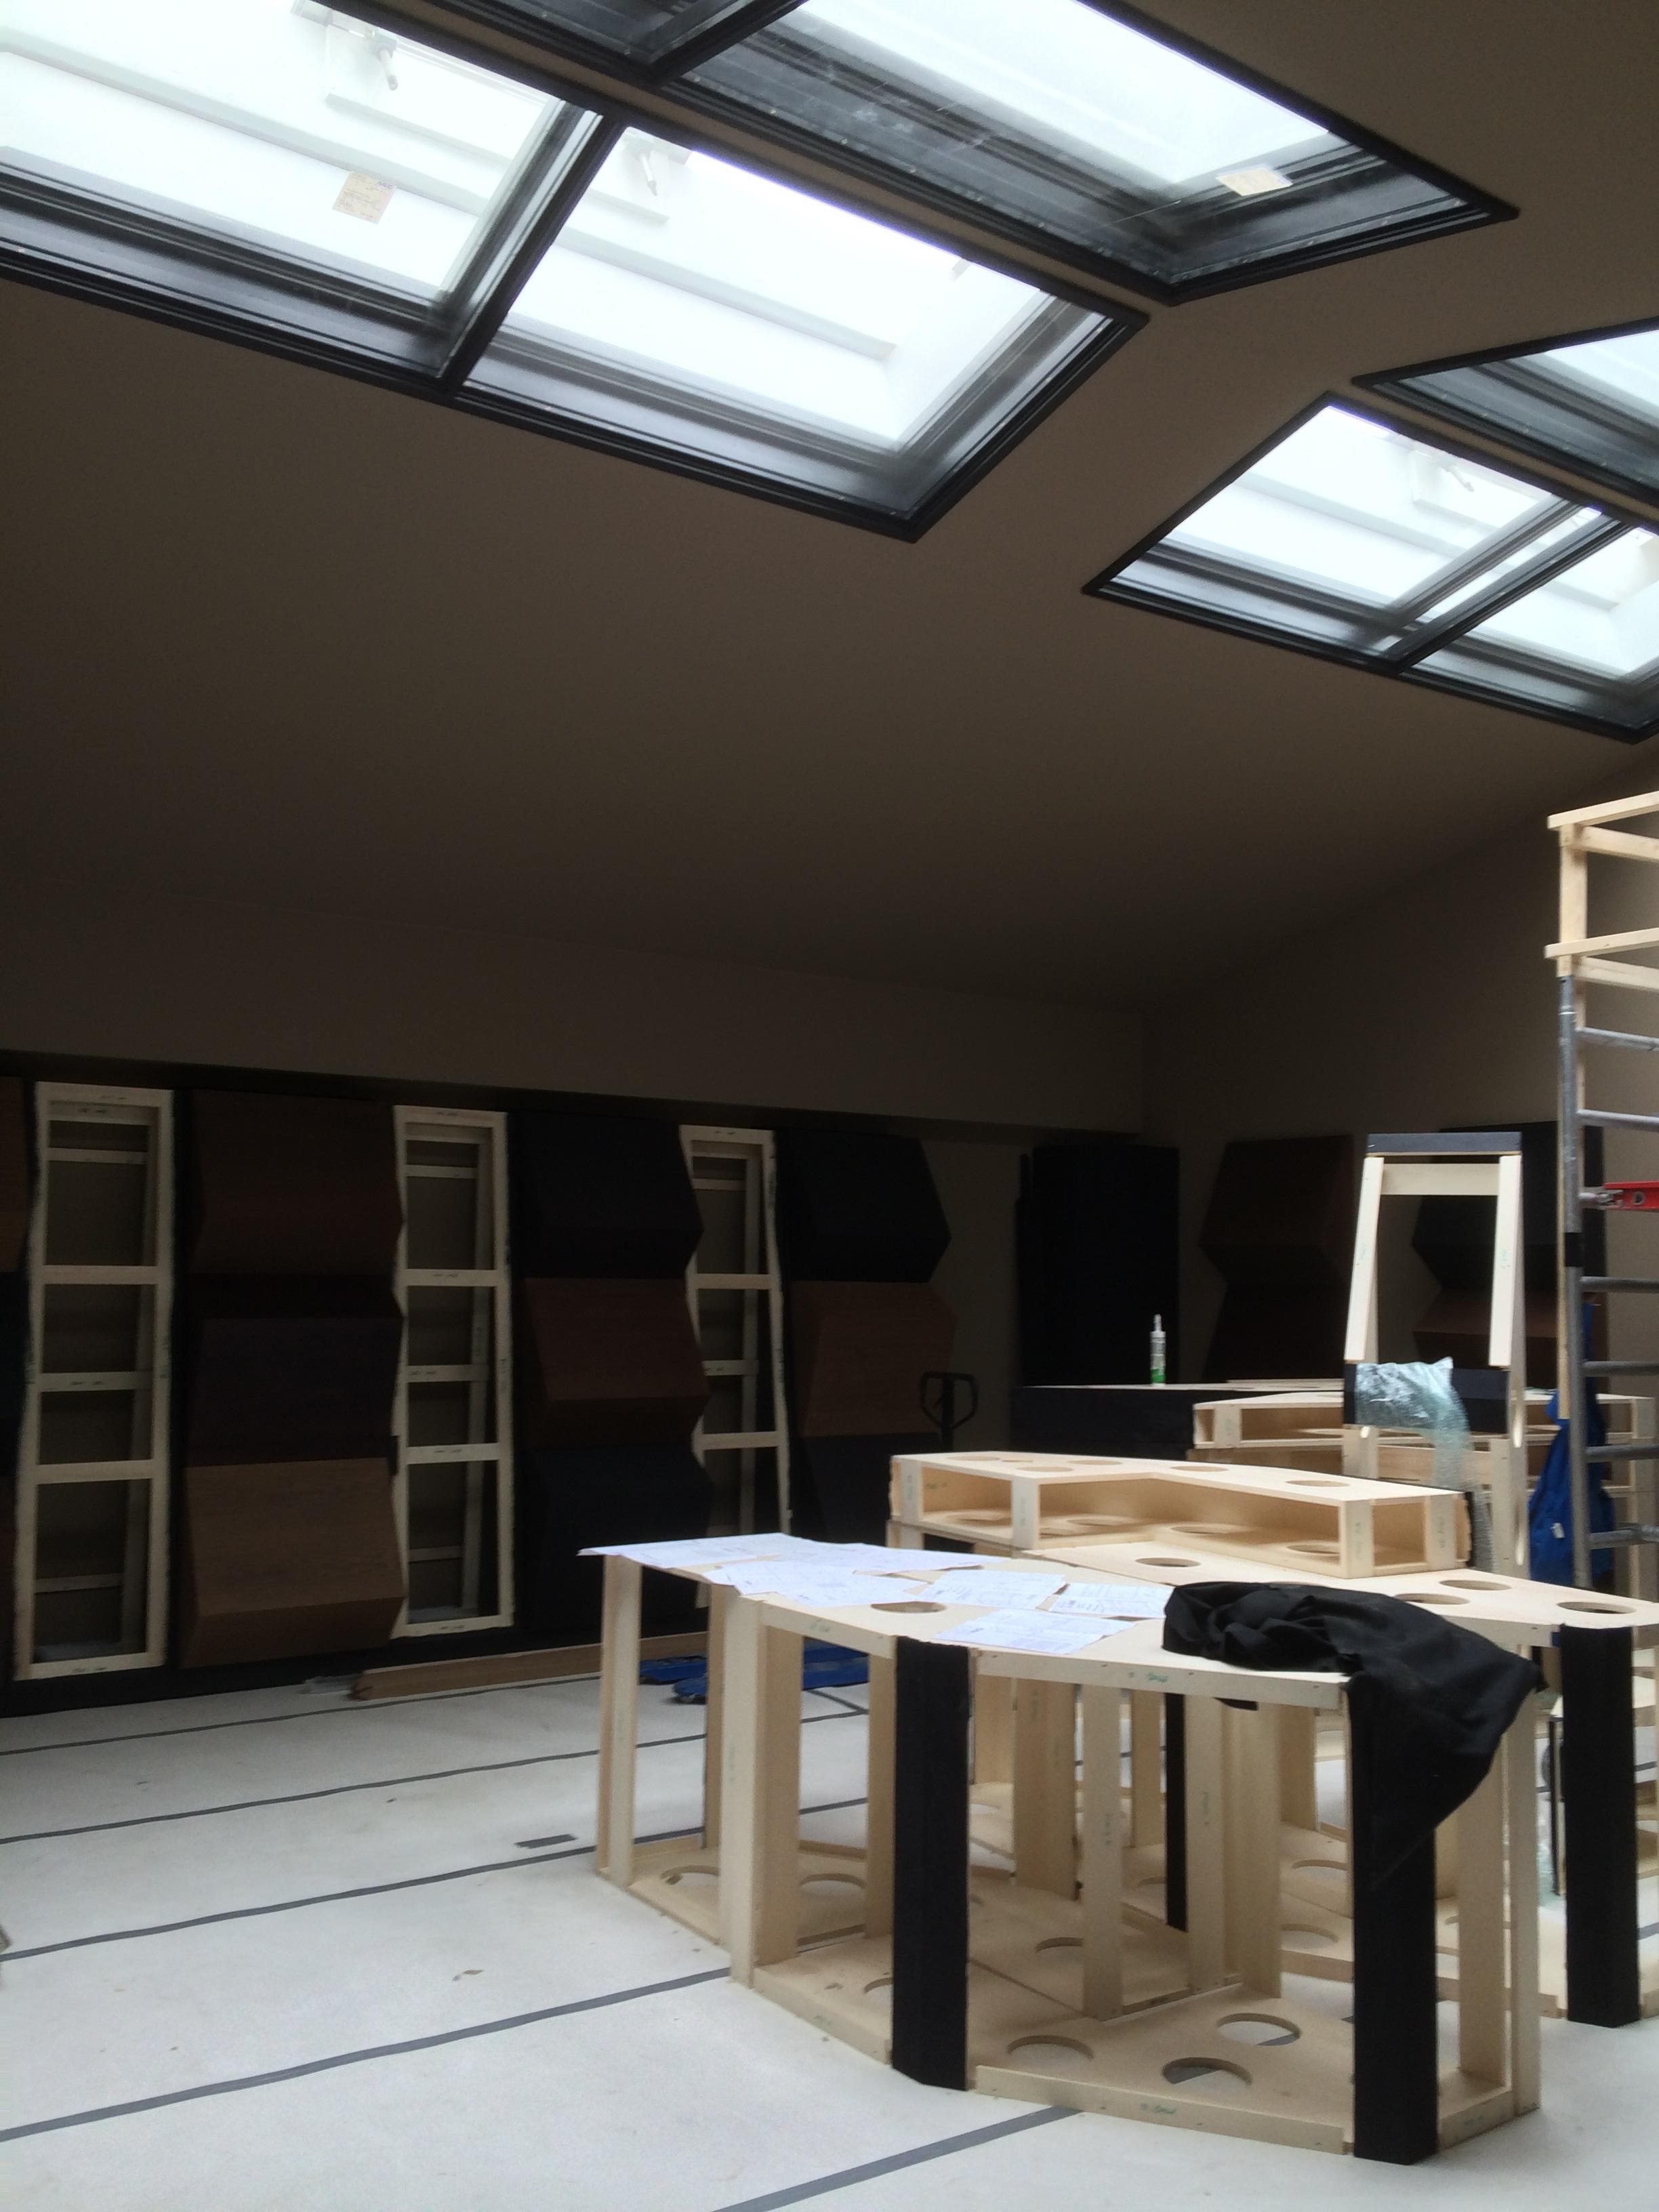 UFA Bouw-Verbouwing-geluidsstudio-glazen dak